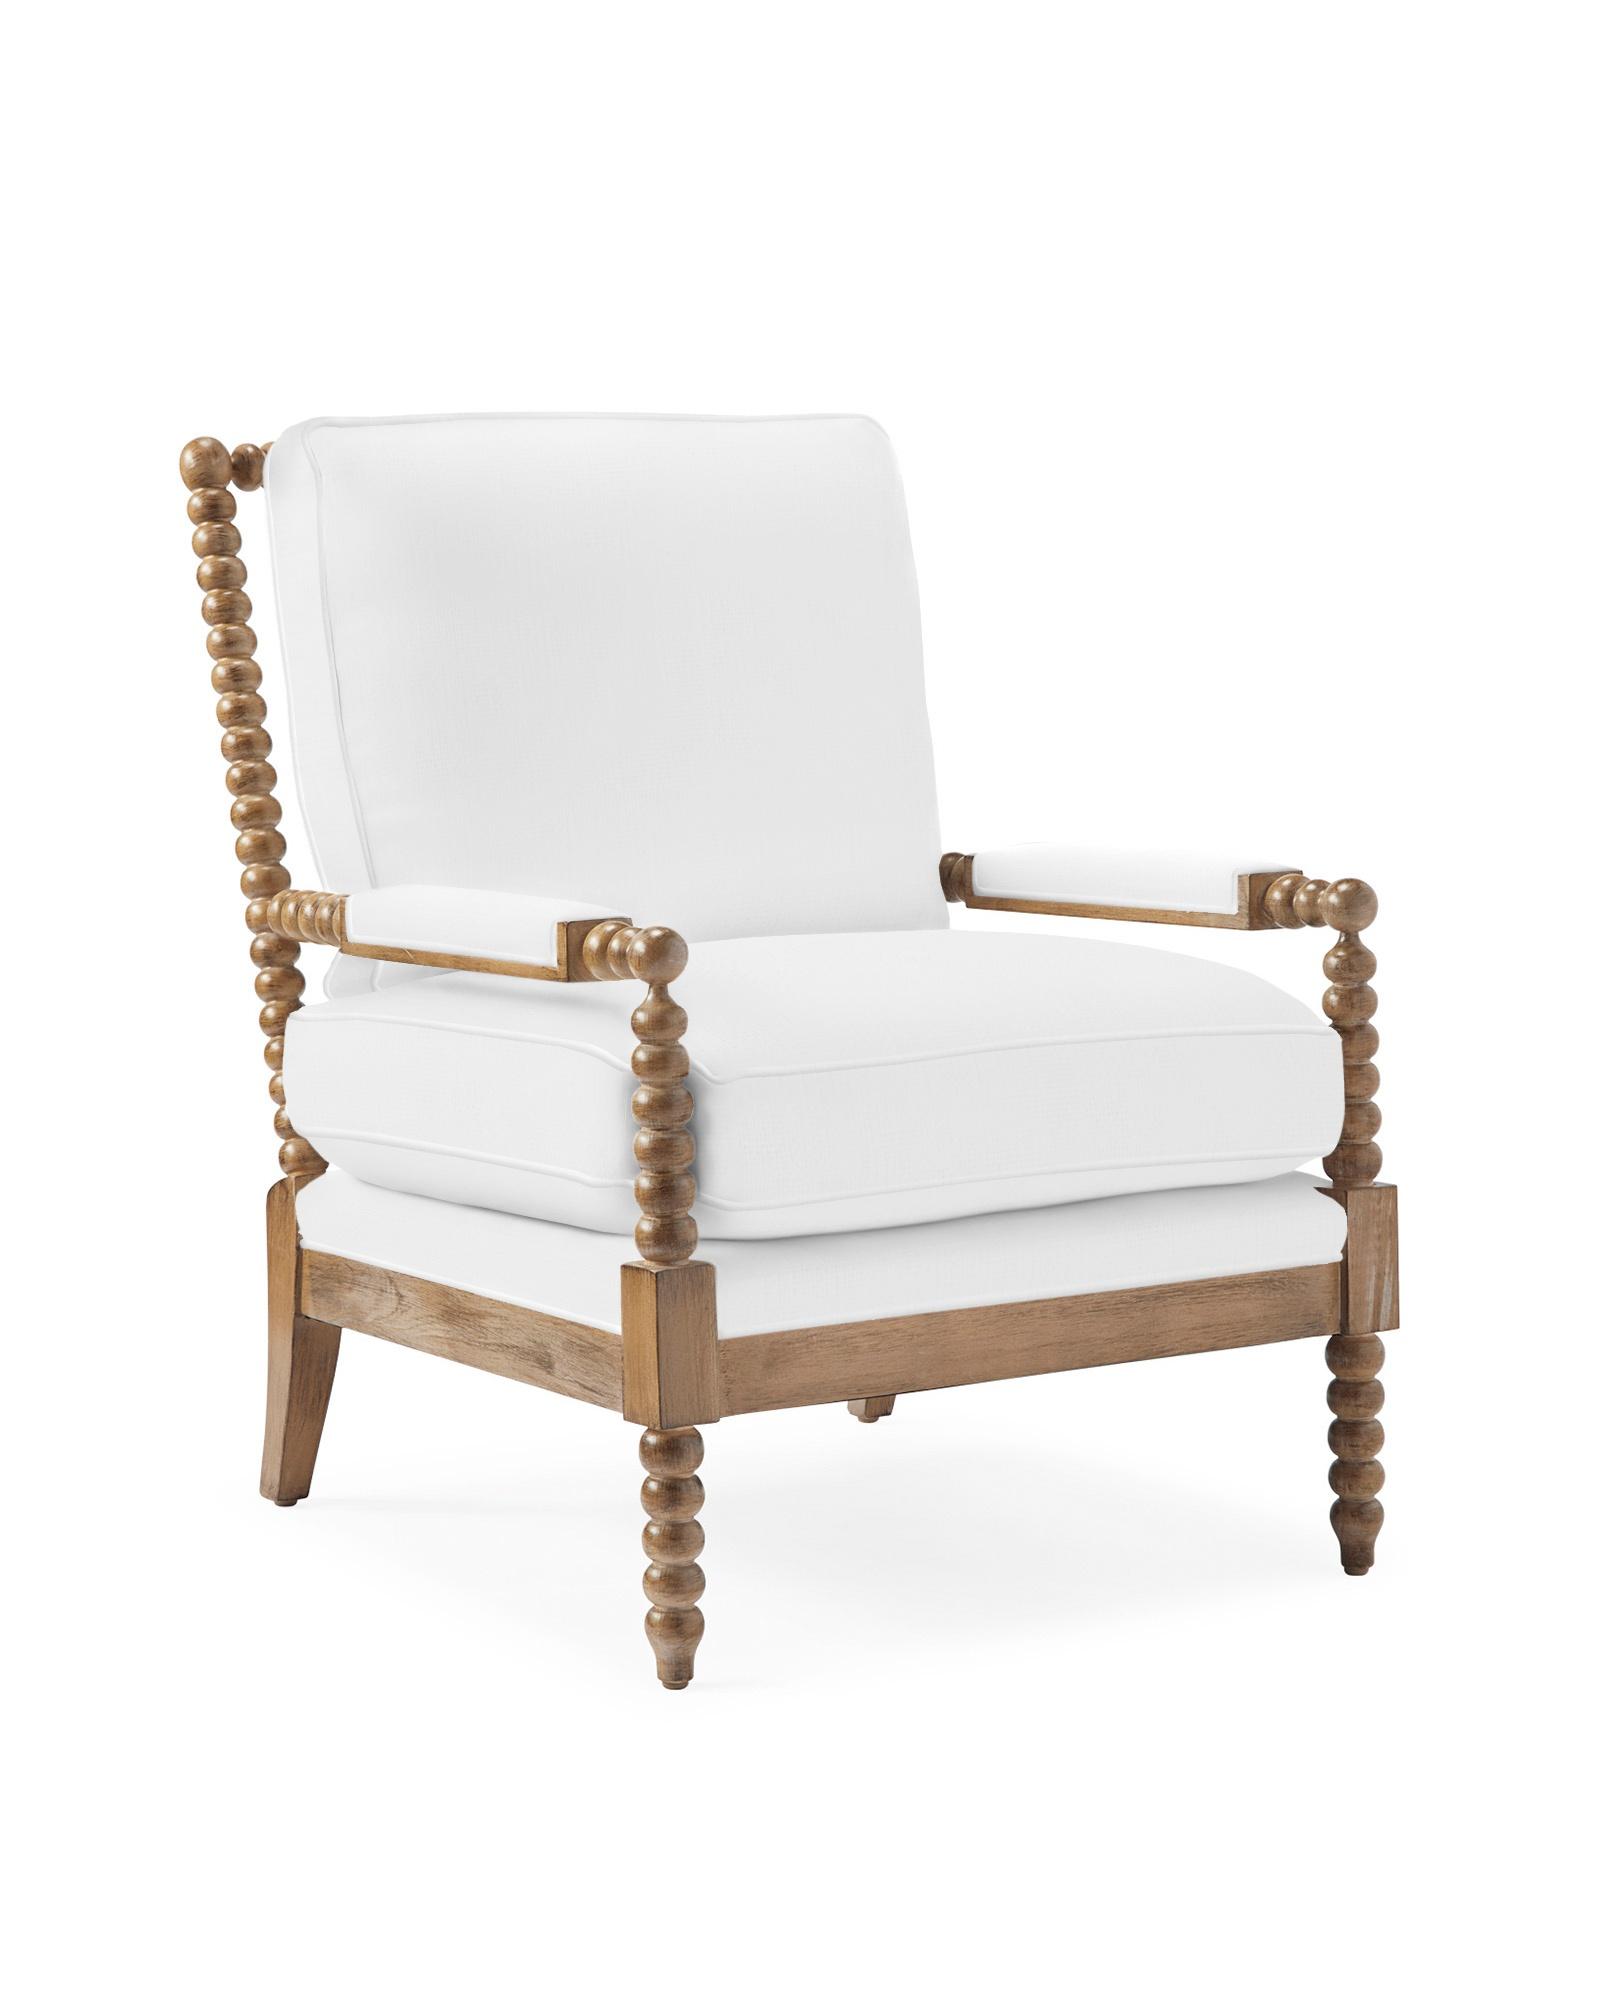 Beckett Chair - Driftwood